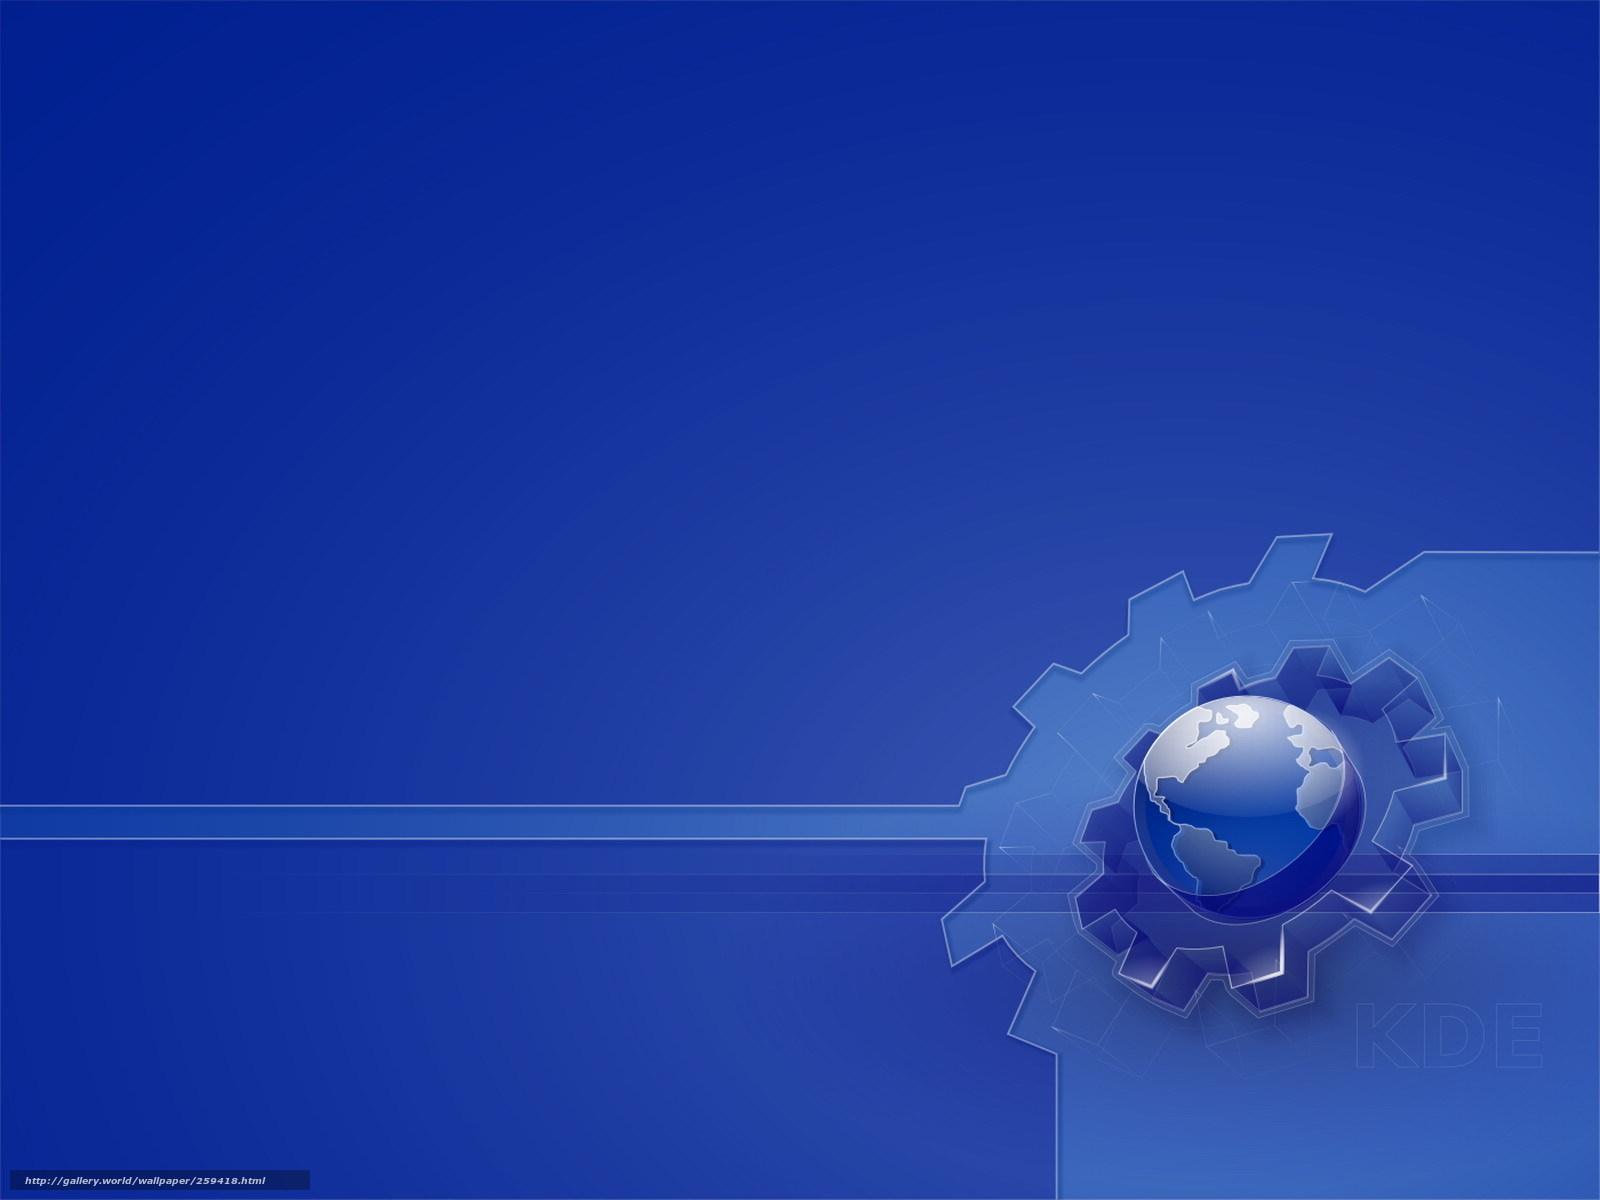 internet desktop wallpaper   wwwwallpapers in hdcom 1600x1200